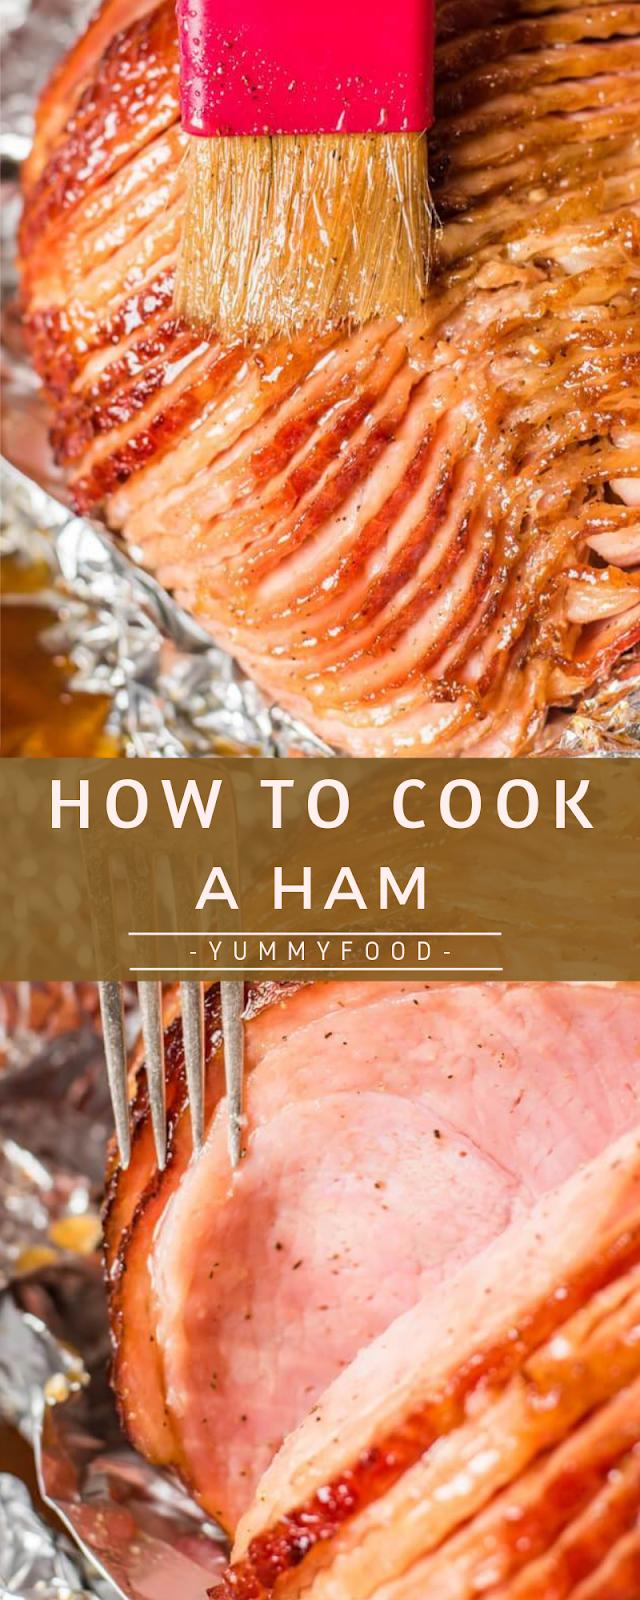 How to Make a Ham